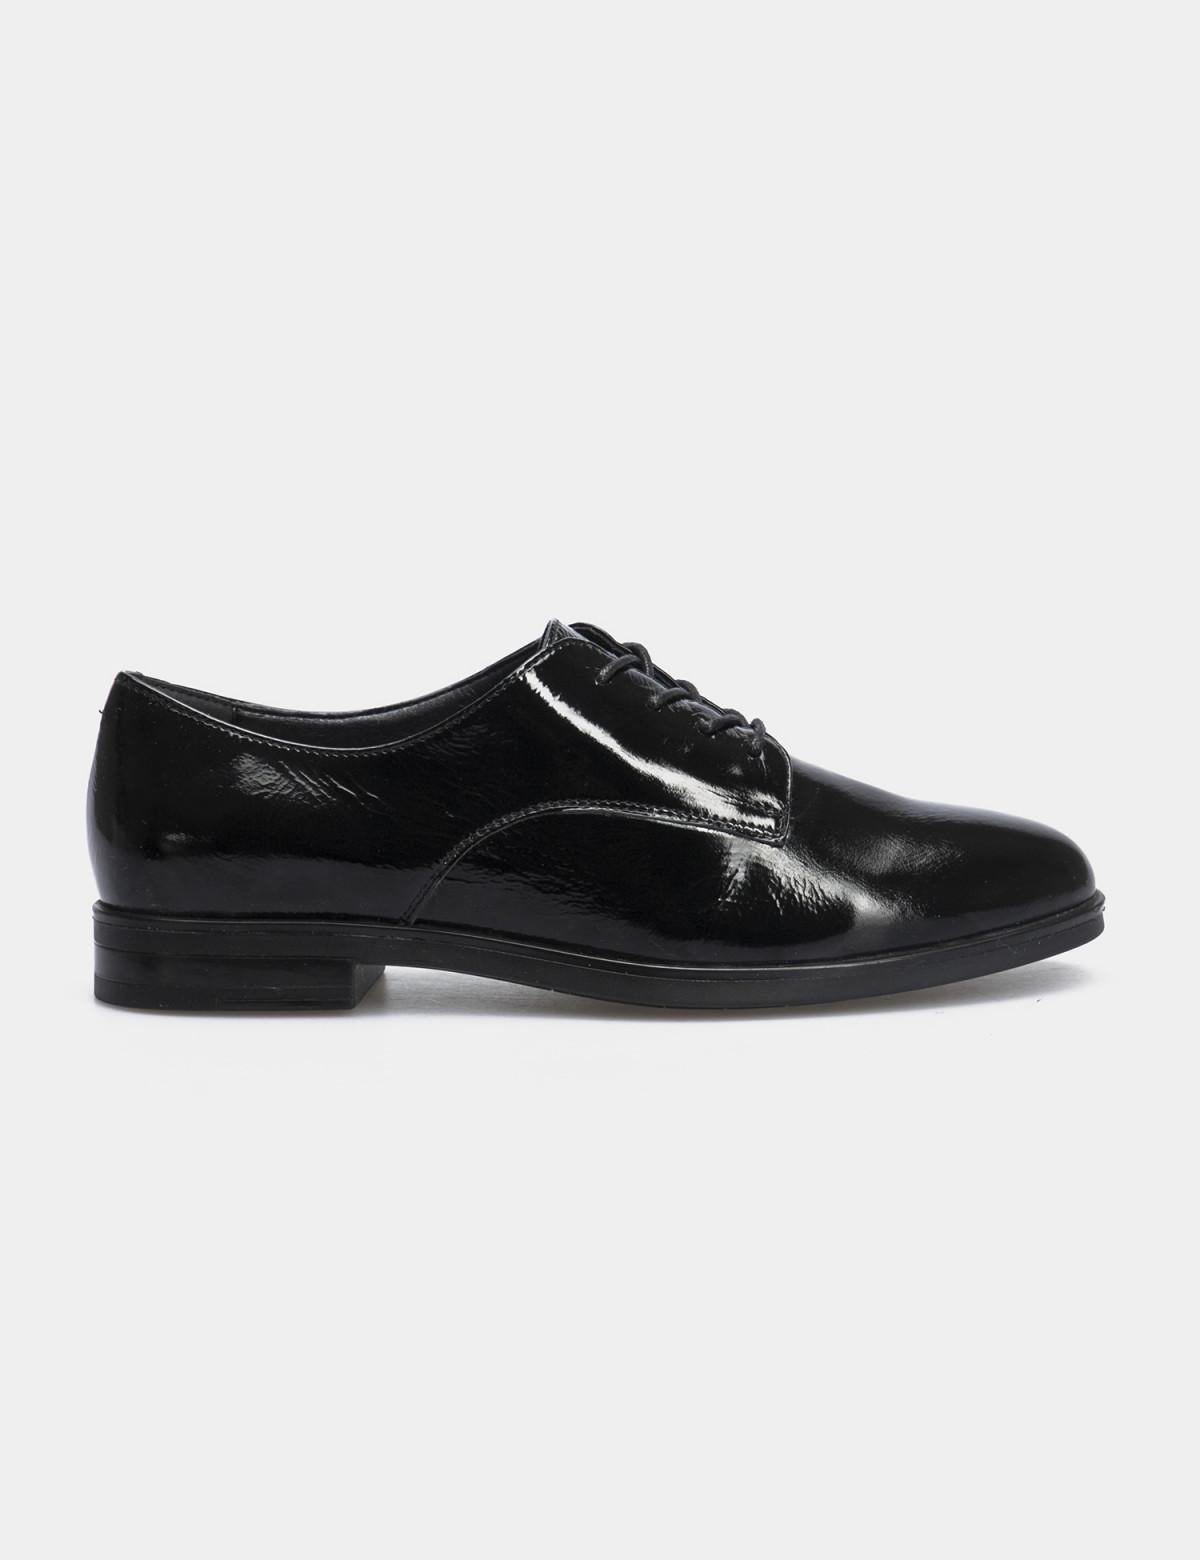 Туфли черные лакированные, натуральная кожа